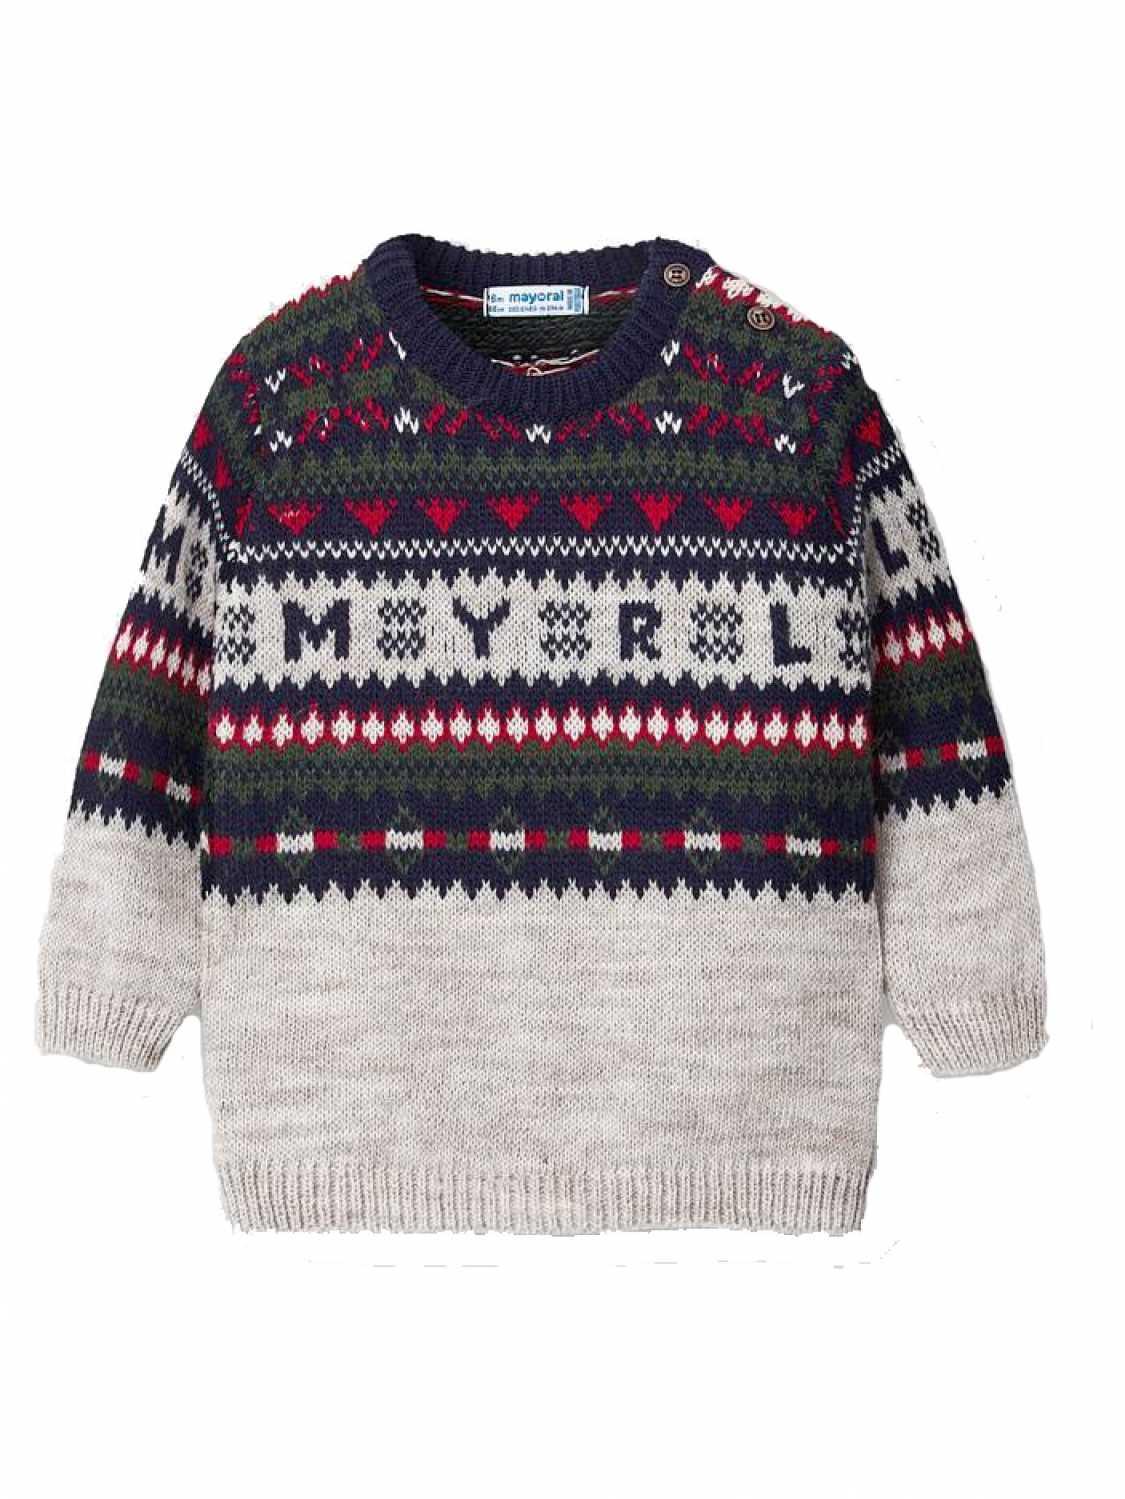 Mayoral Sweater  - Diverse Kleuren - Acryl